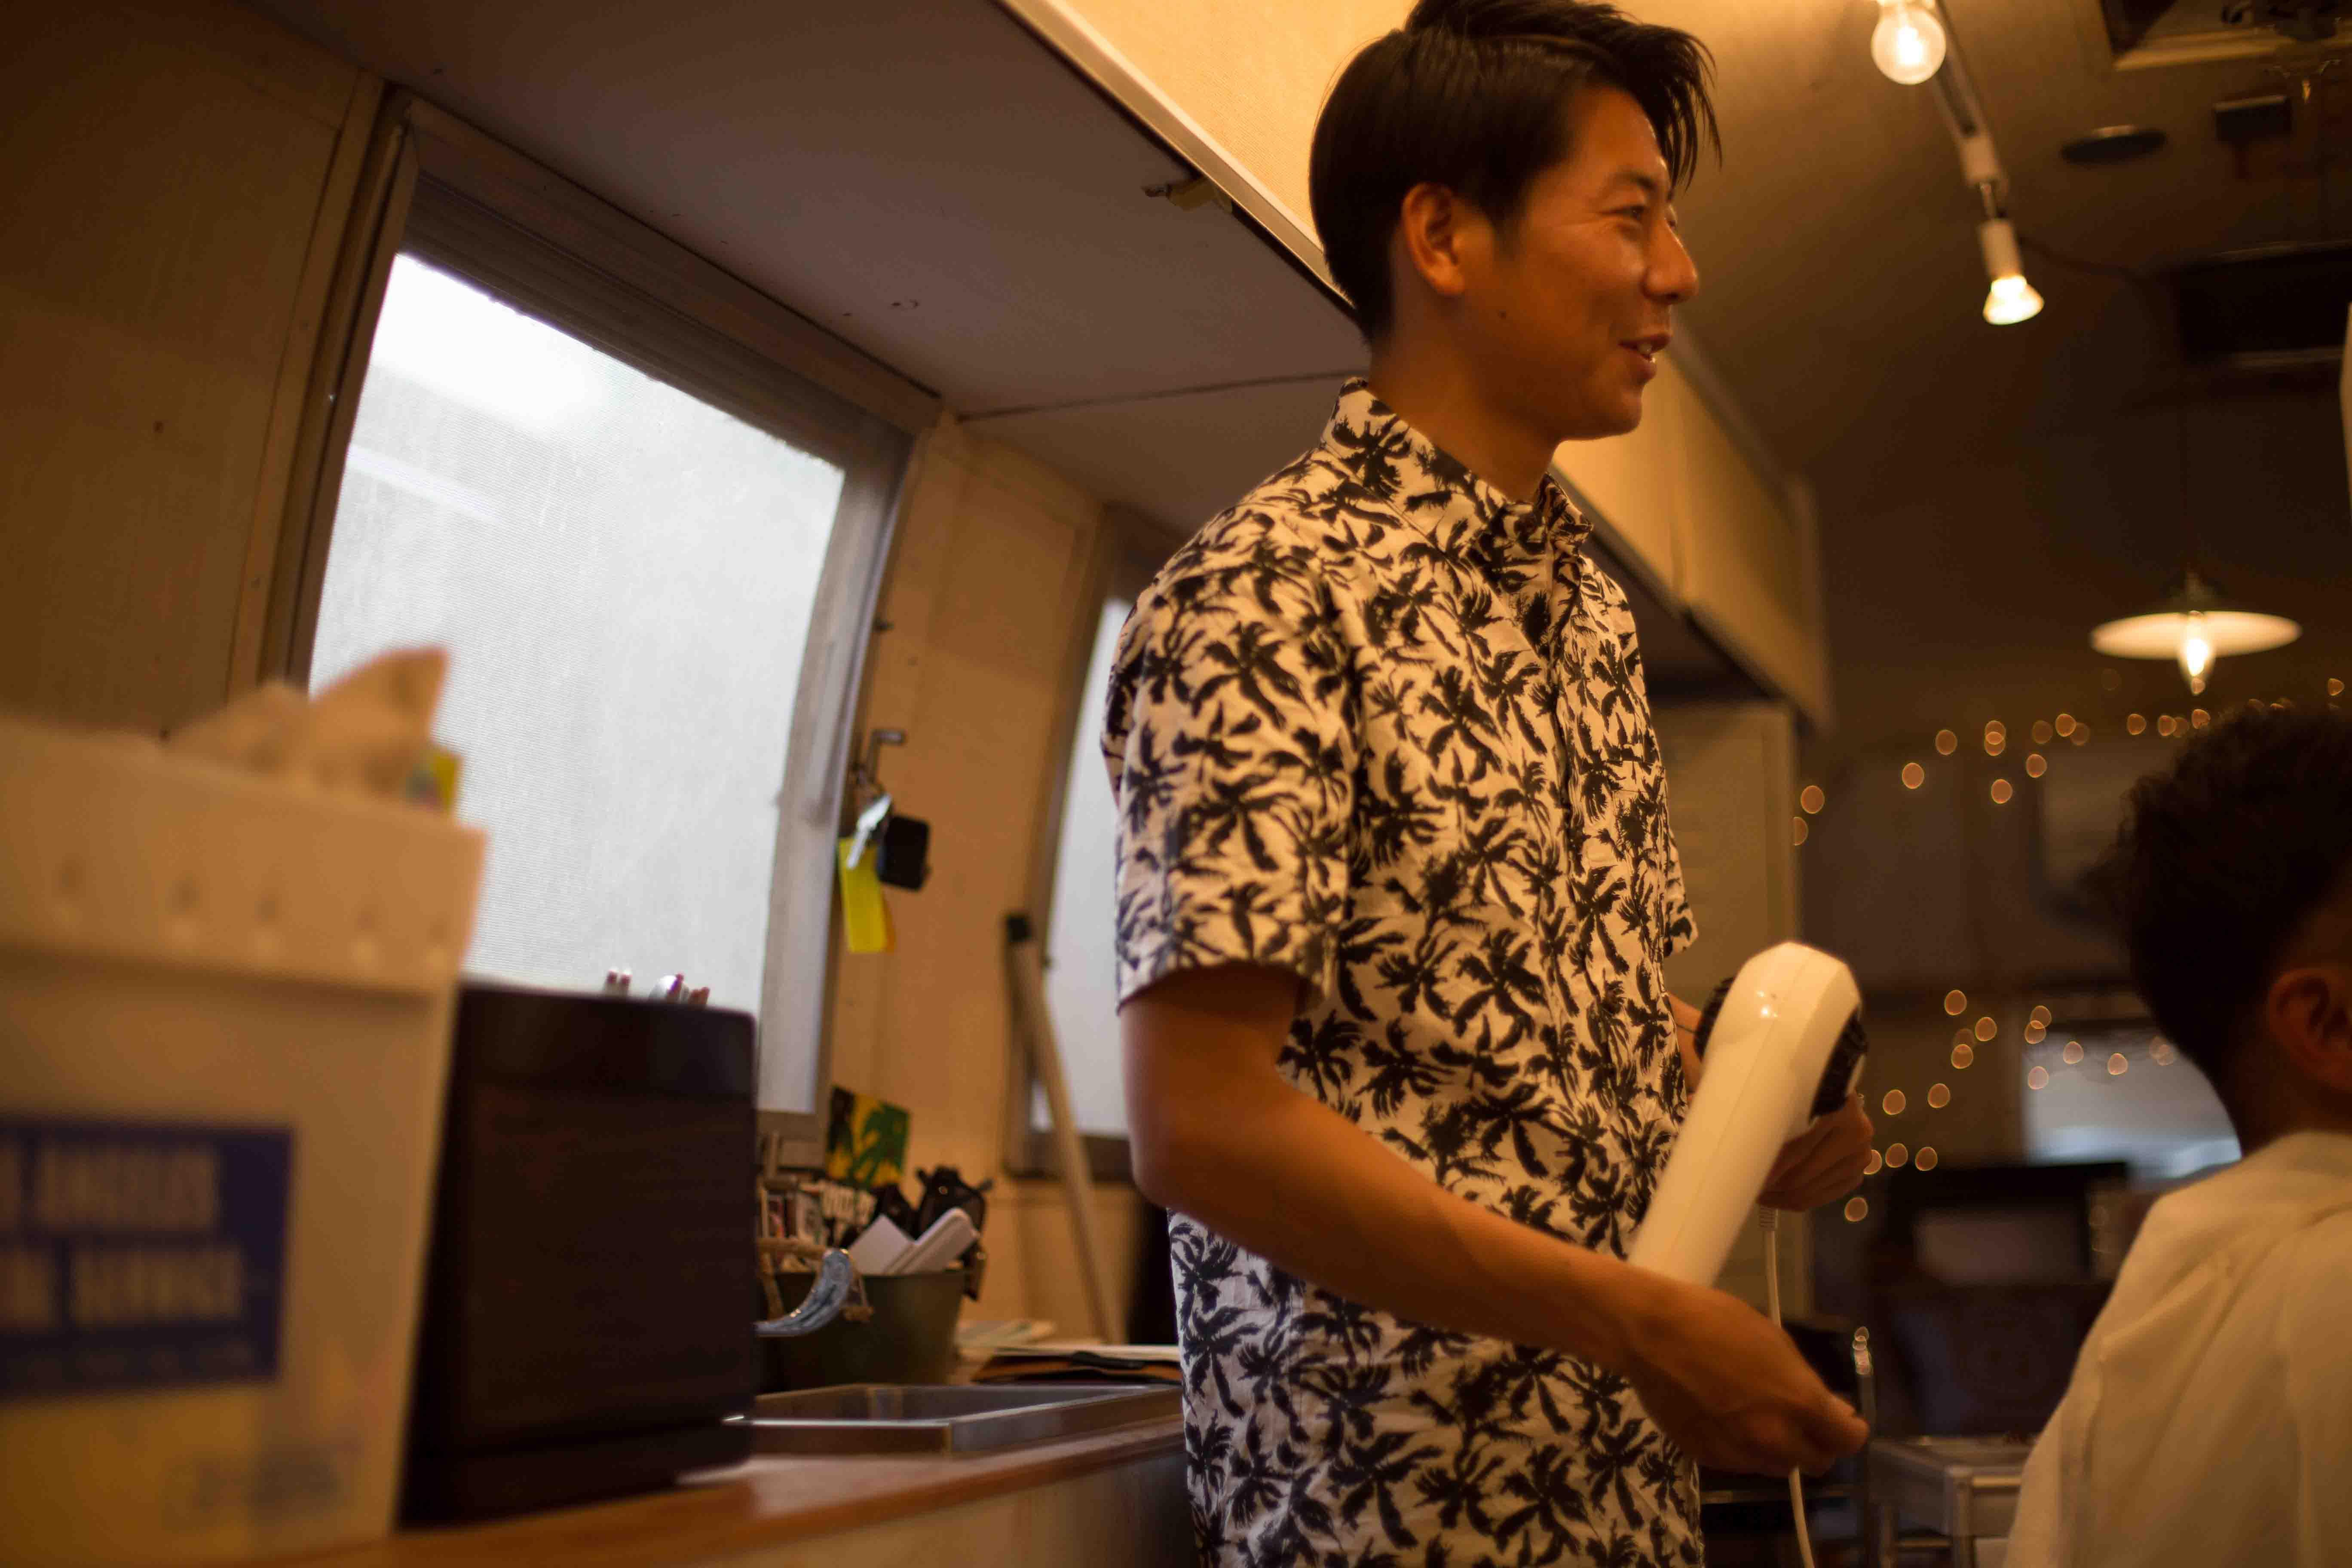 美容室 藤沢 鎌倉 平塚 湘南 サーフィン 美容師 スタイリスト募集